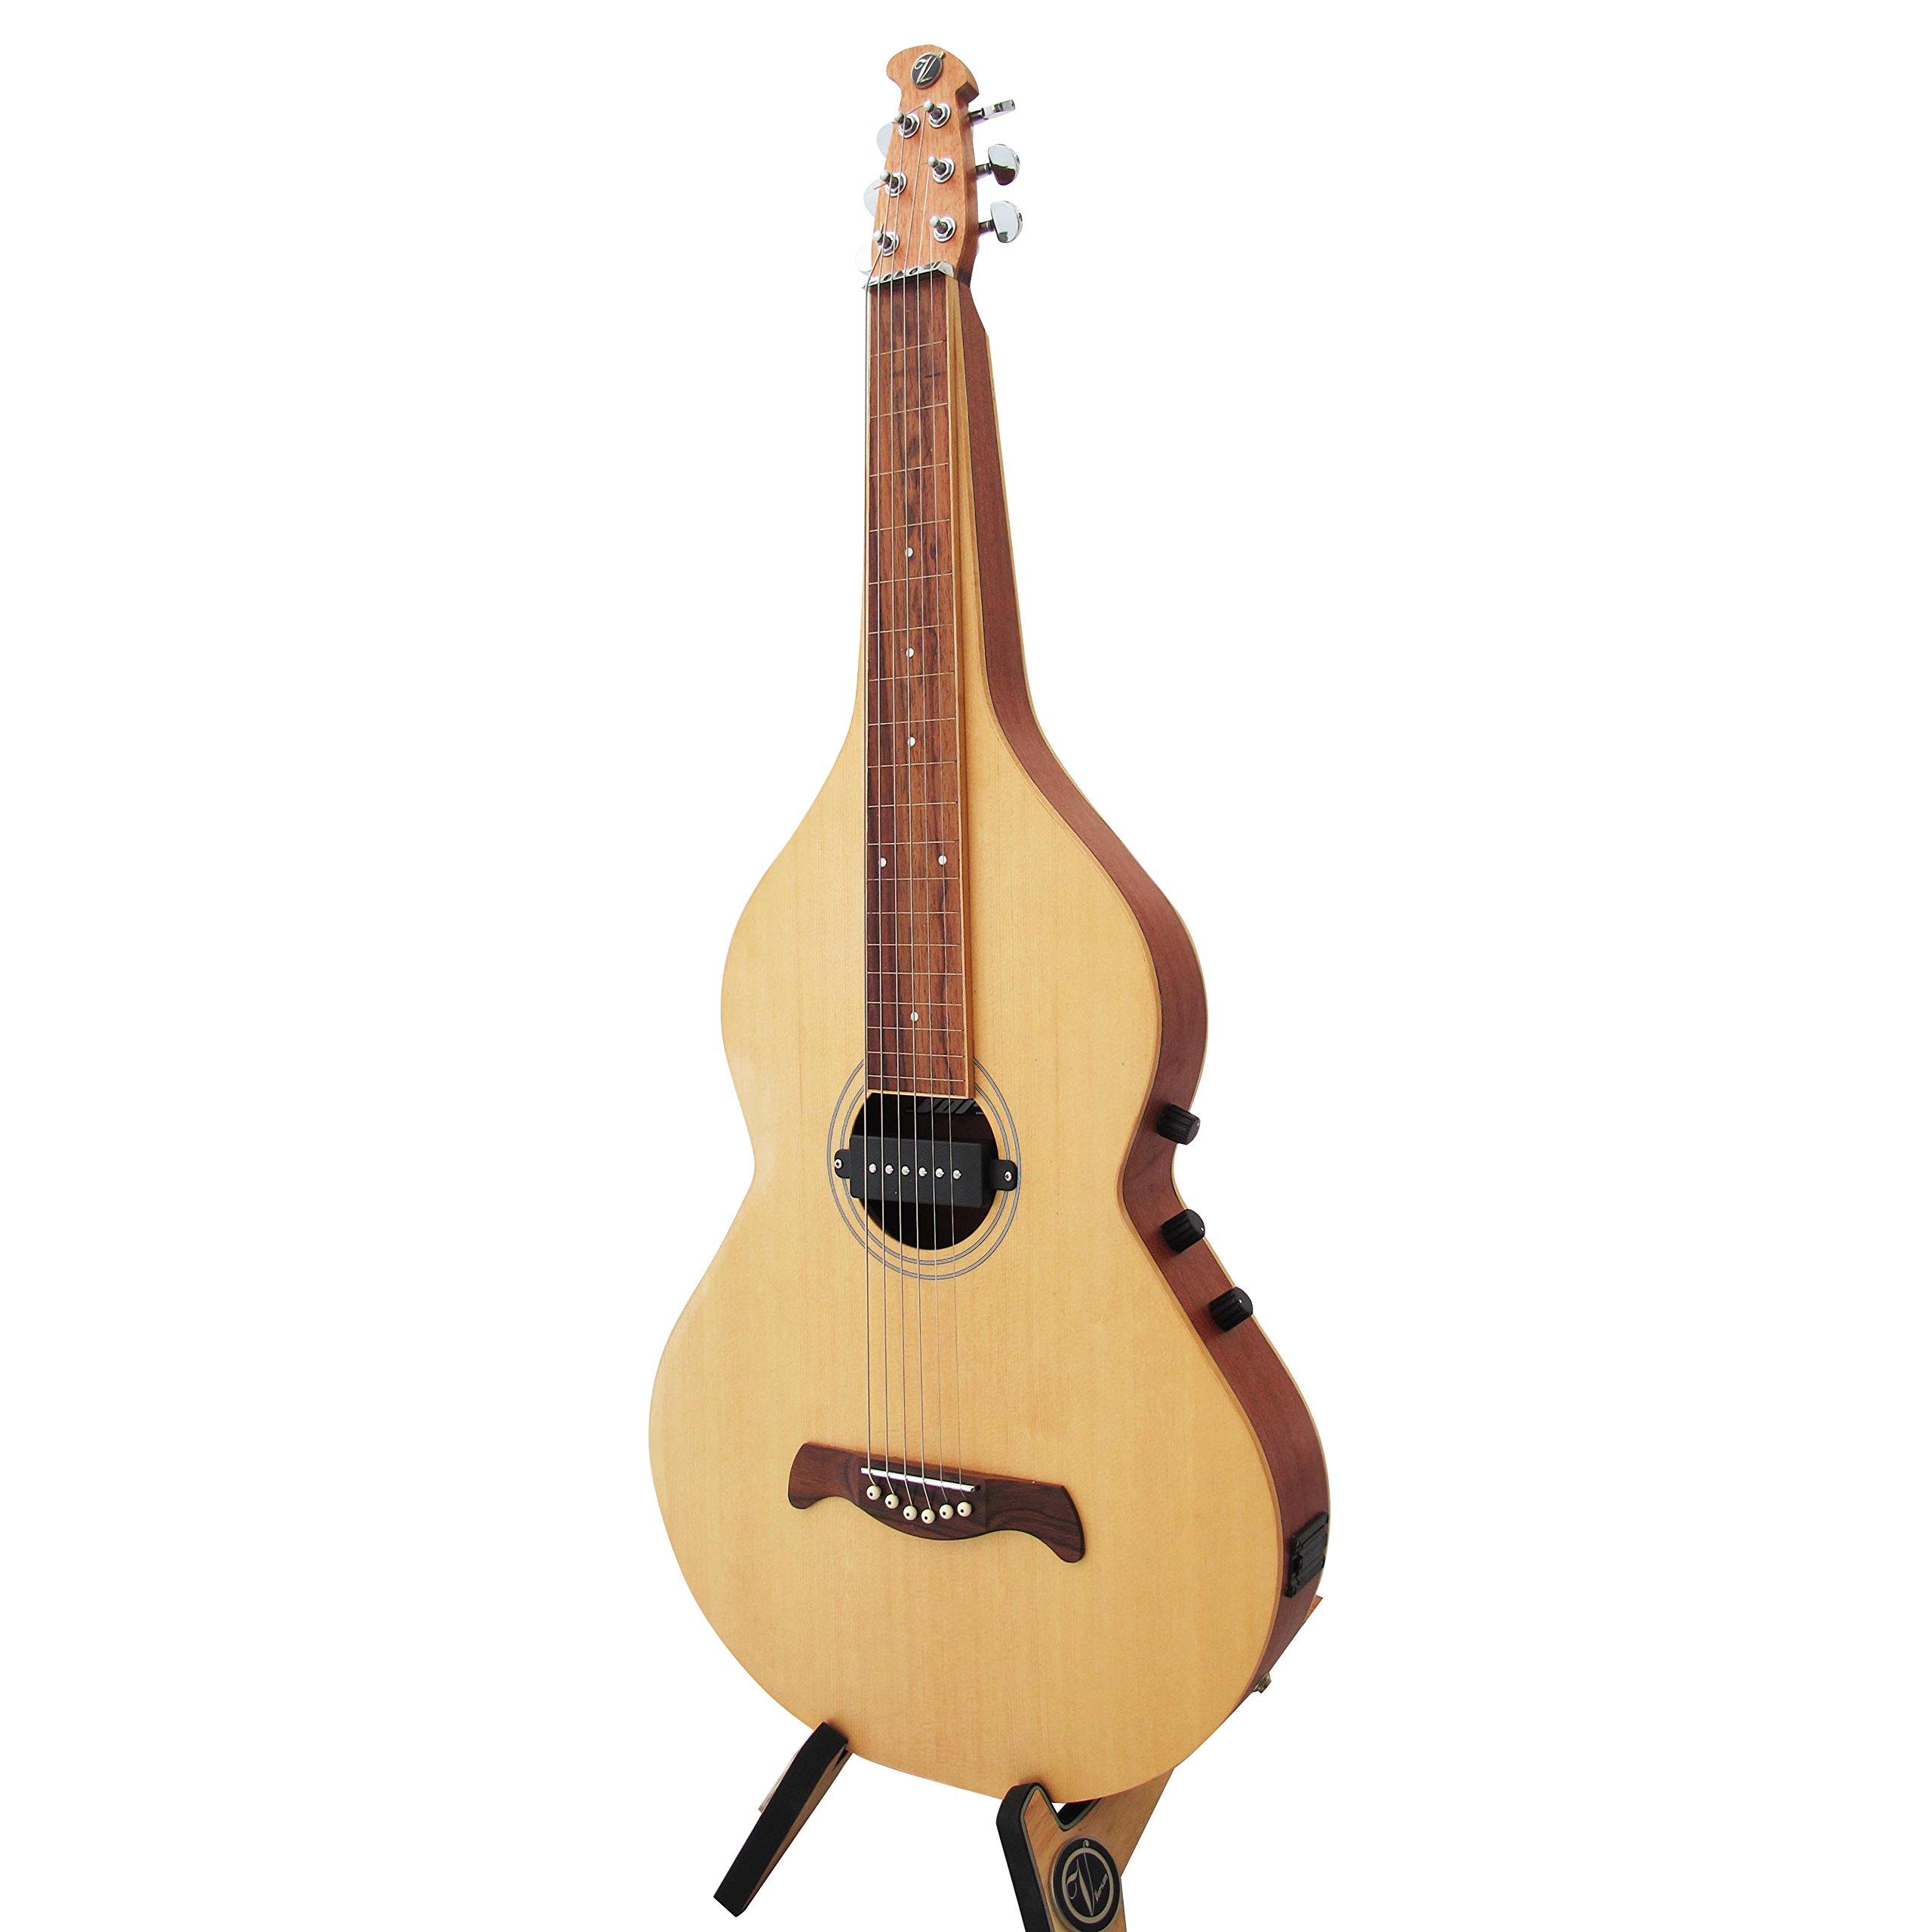 Vorson W1 W-Style Acoustic-Electric Lap Steel Guitar